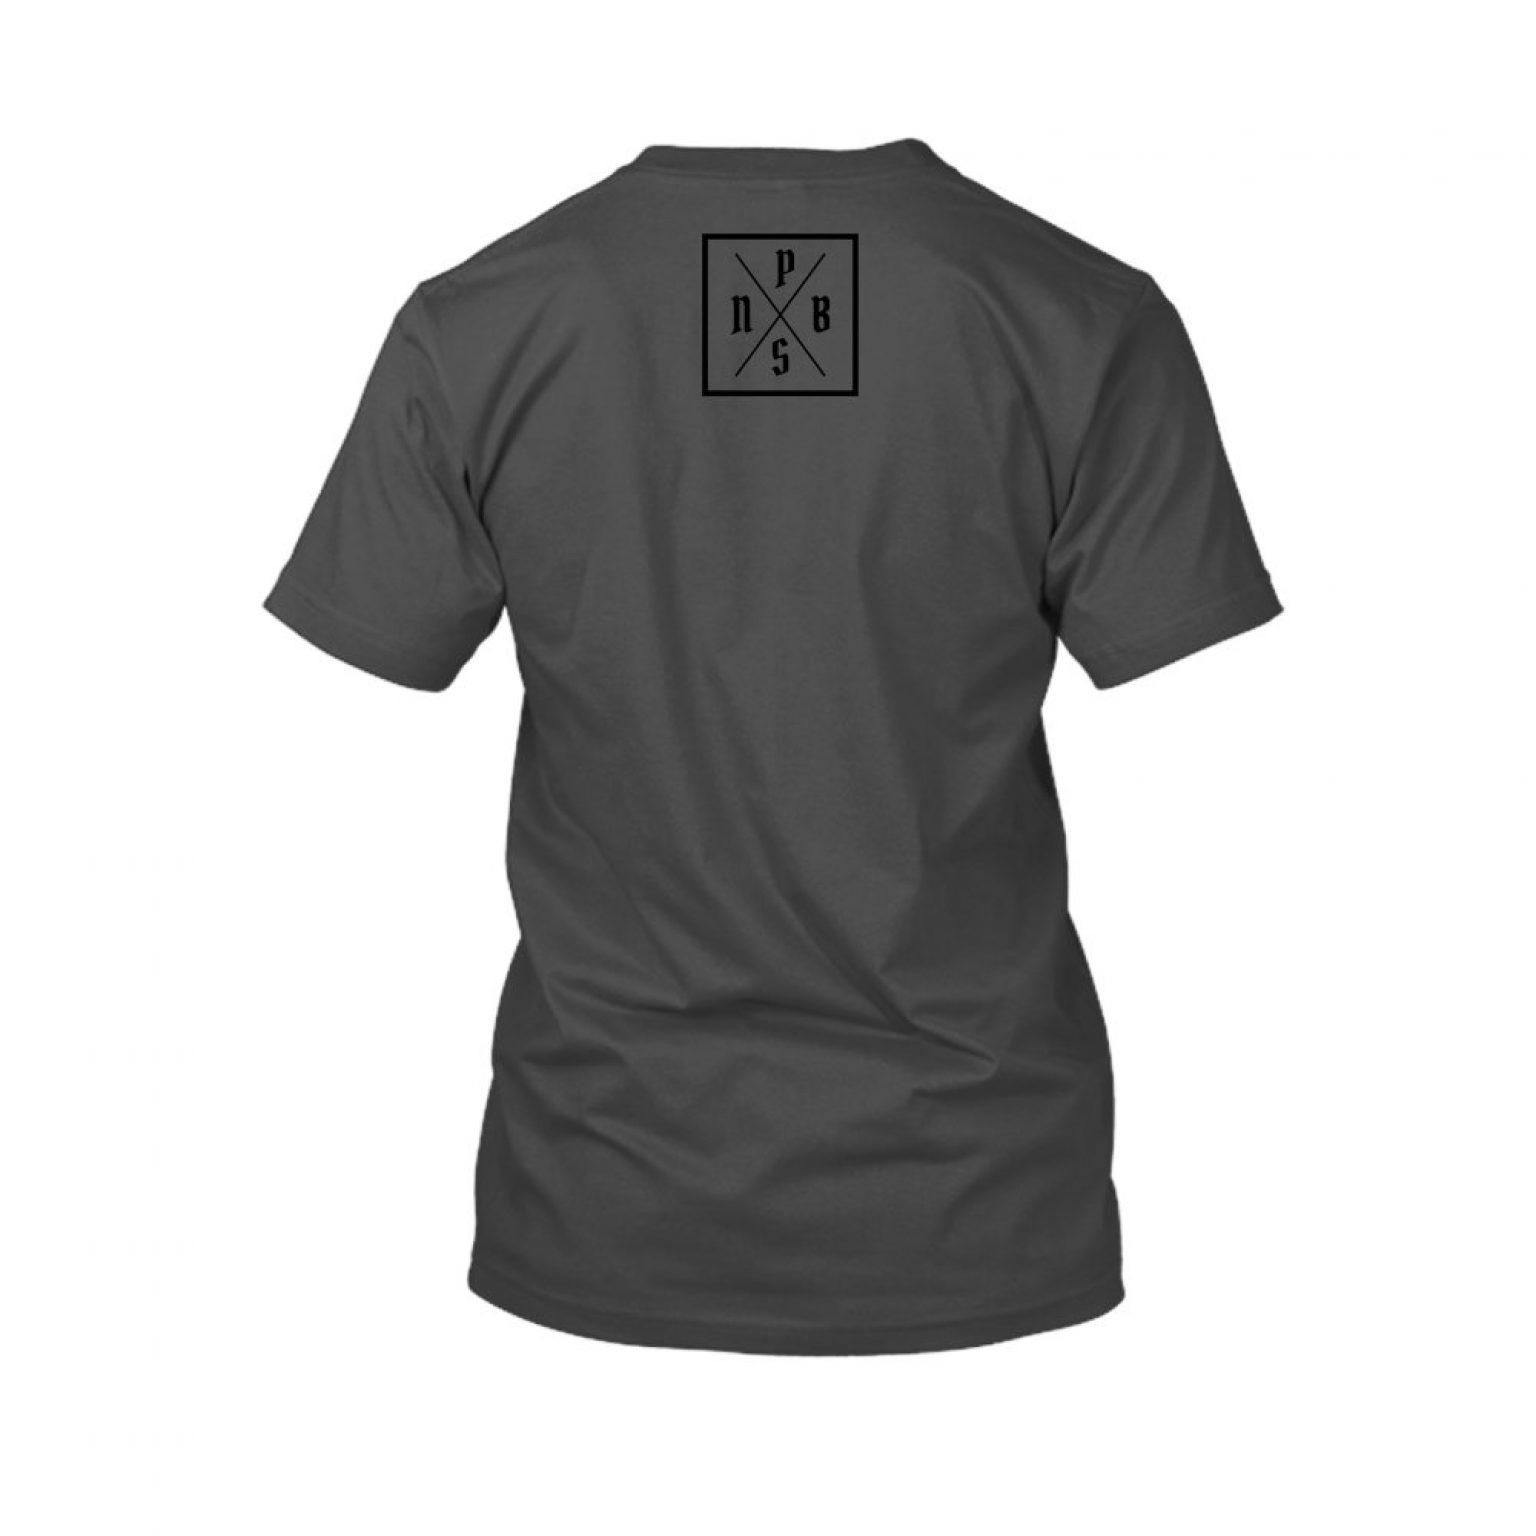 PBS shirt charcoal back